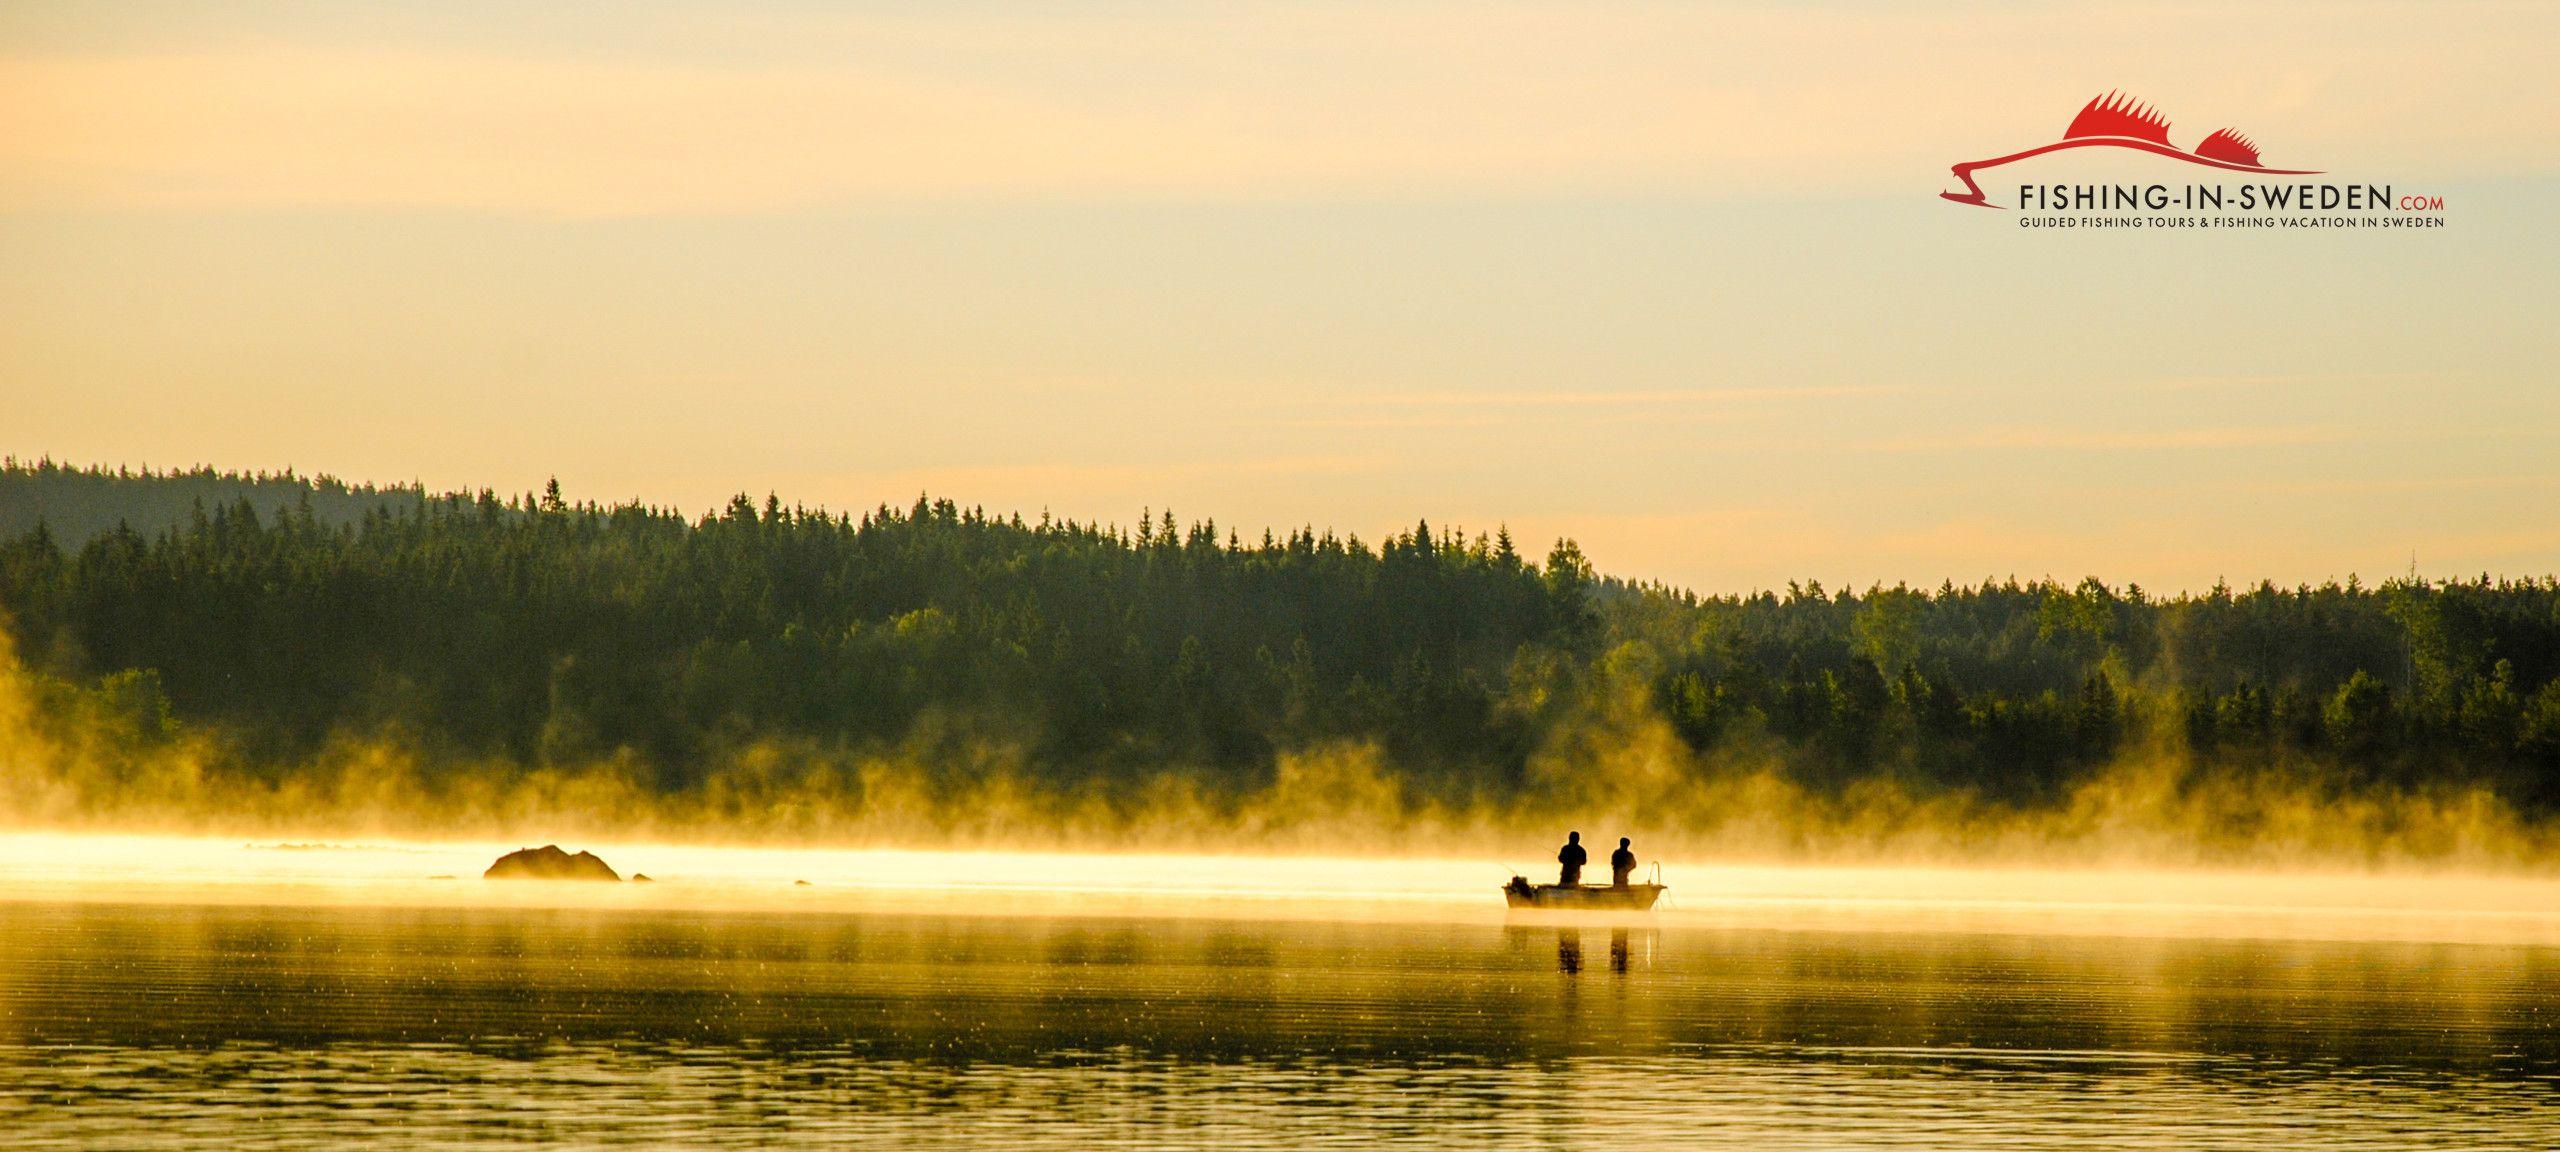 #Fishing in #Sweden, #Scandinavia - #Angeln in #Schweden, #Skandinavien